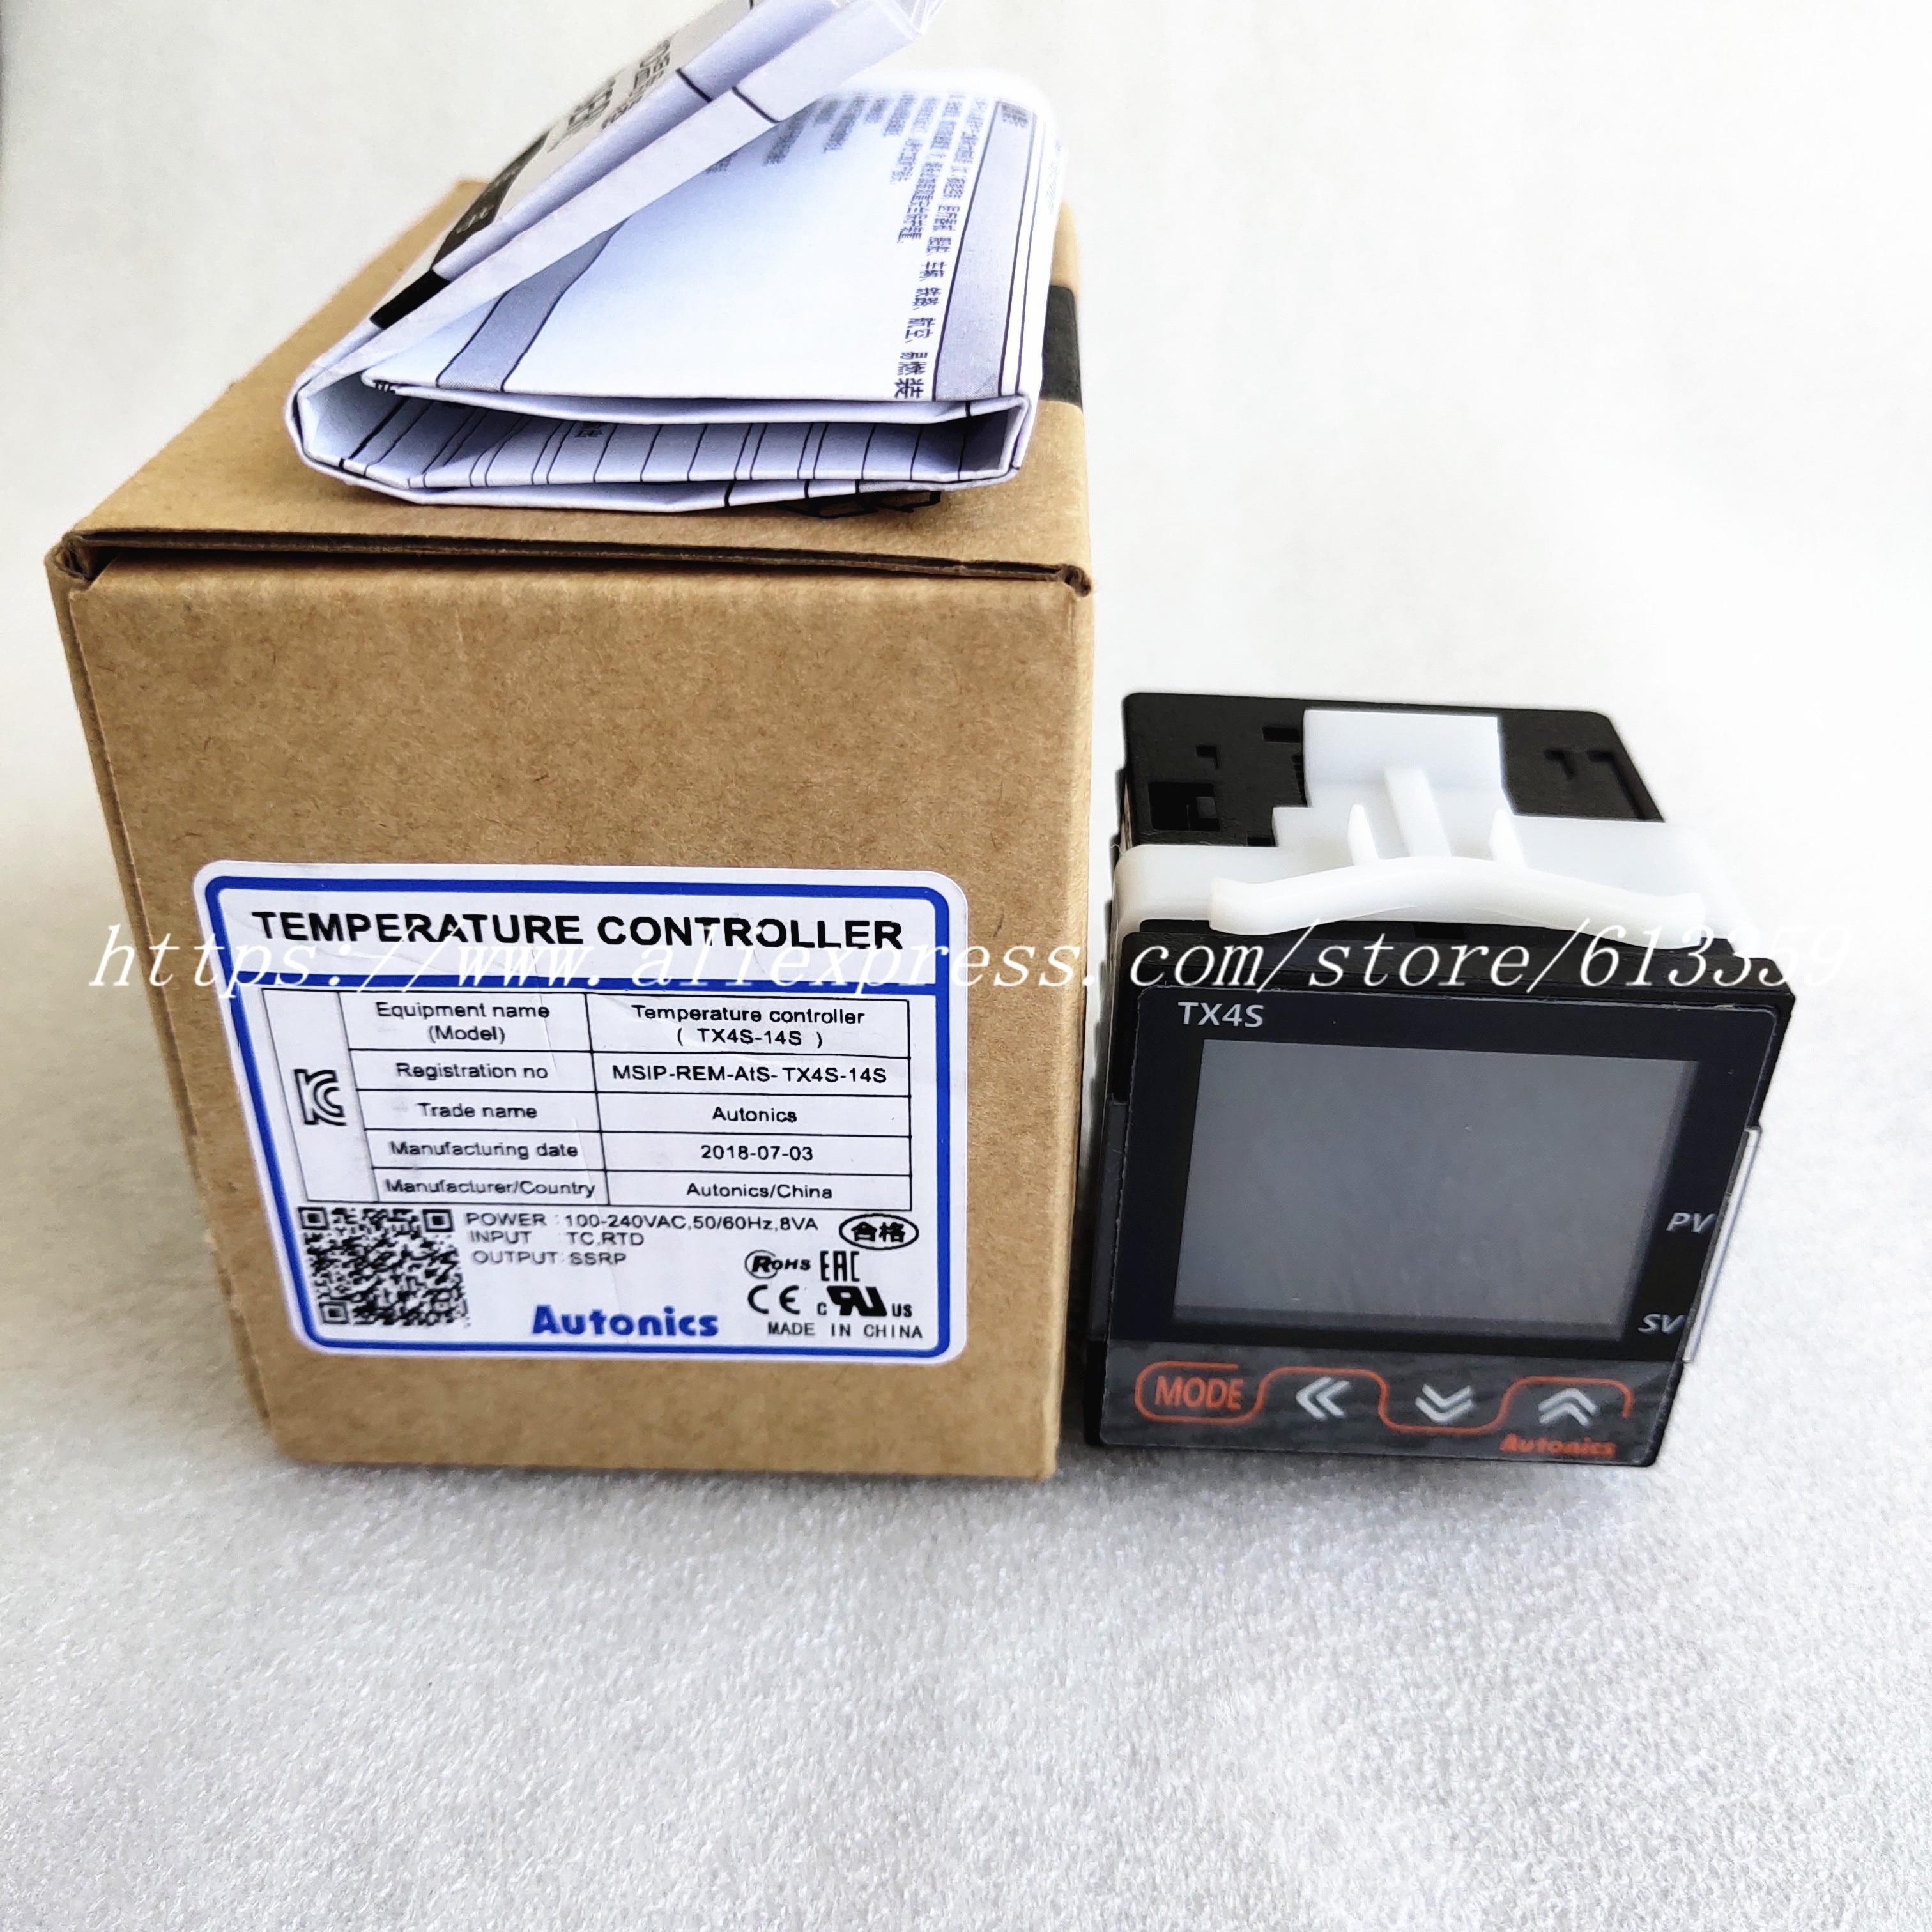 TX4S 14S New original Temperature Controller 48 x 48 mm 100 240 VAC